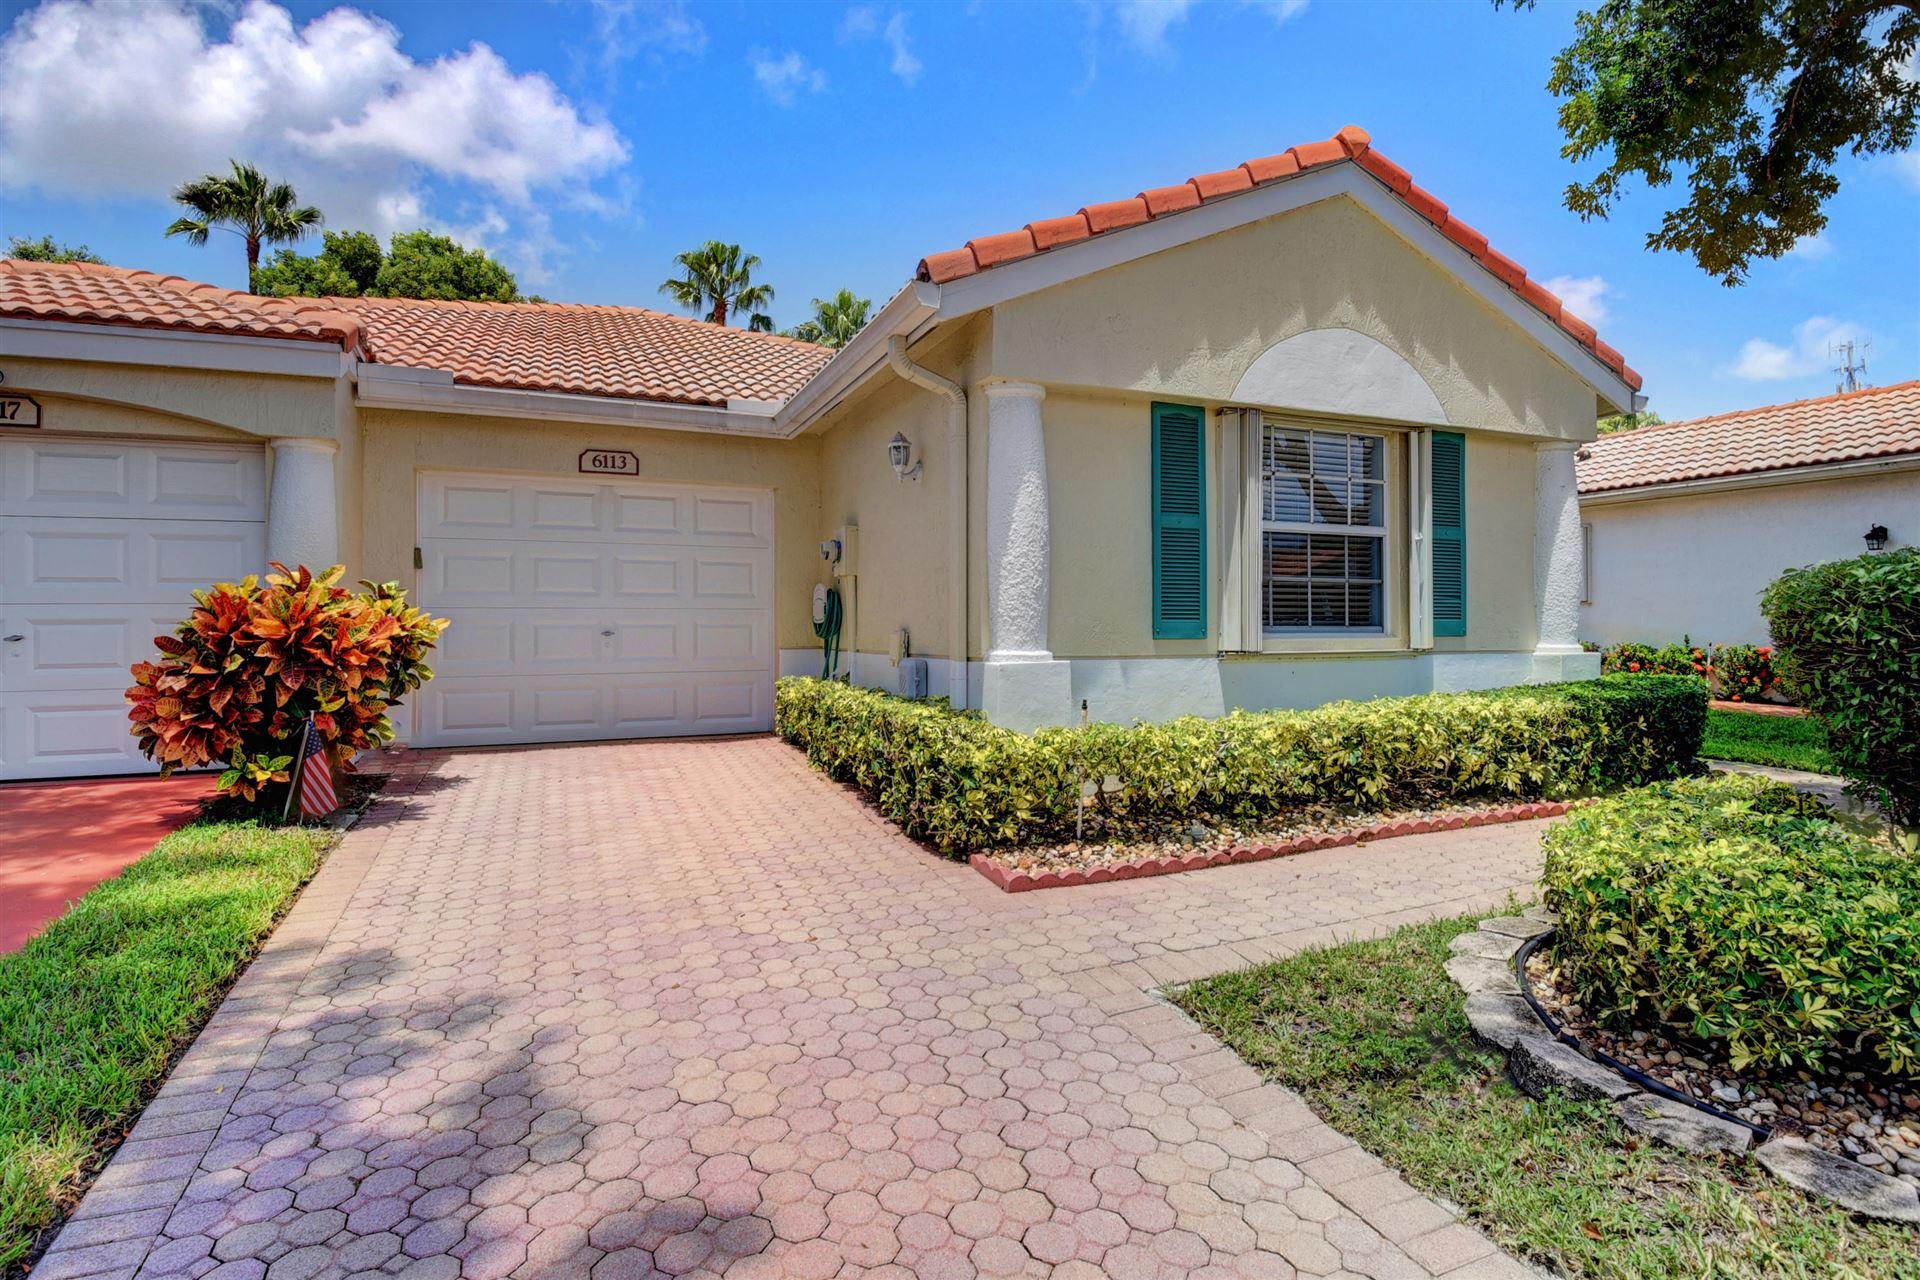 6113 Petunia Road, Delray Beach, FL 33484 - #: RX-10643116